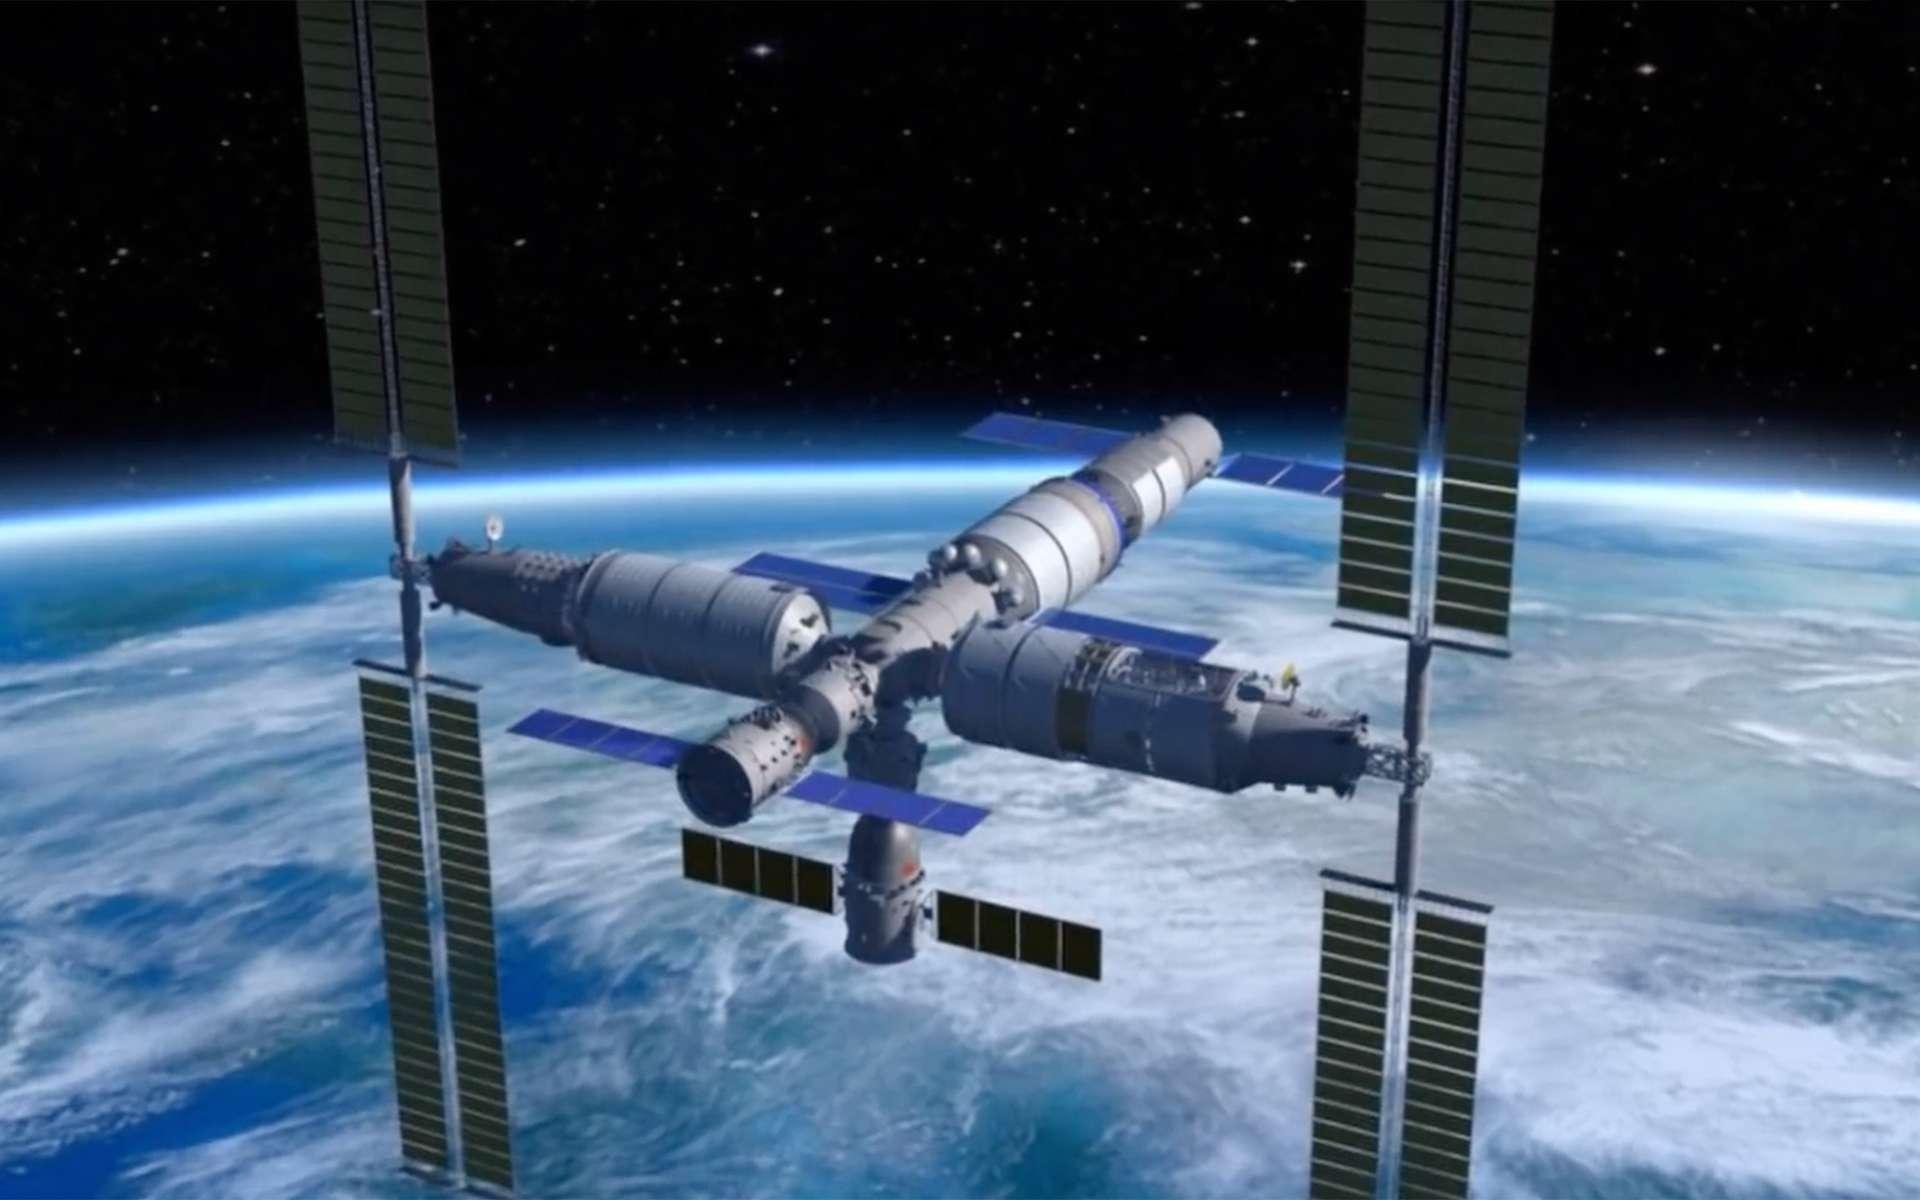 Vue d'artiste de la future station spatiale chinoise. Baptisée Palais céleste, sa mise en service complète est prévue en 2024. Le premier module, Tianhe, doit être lancé en 2020. © China Manned Space Agency